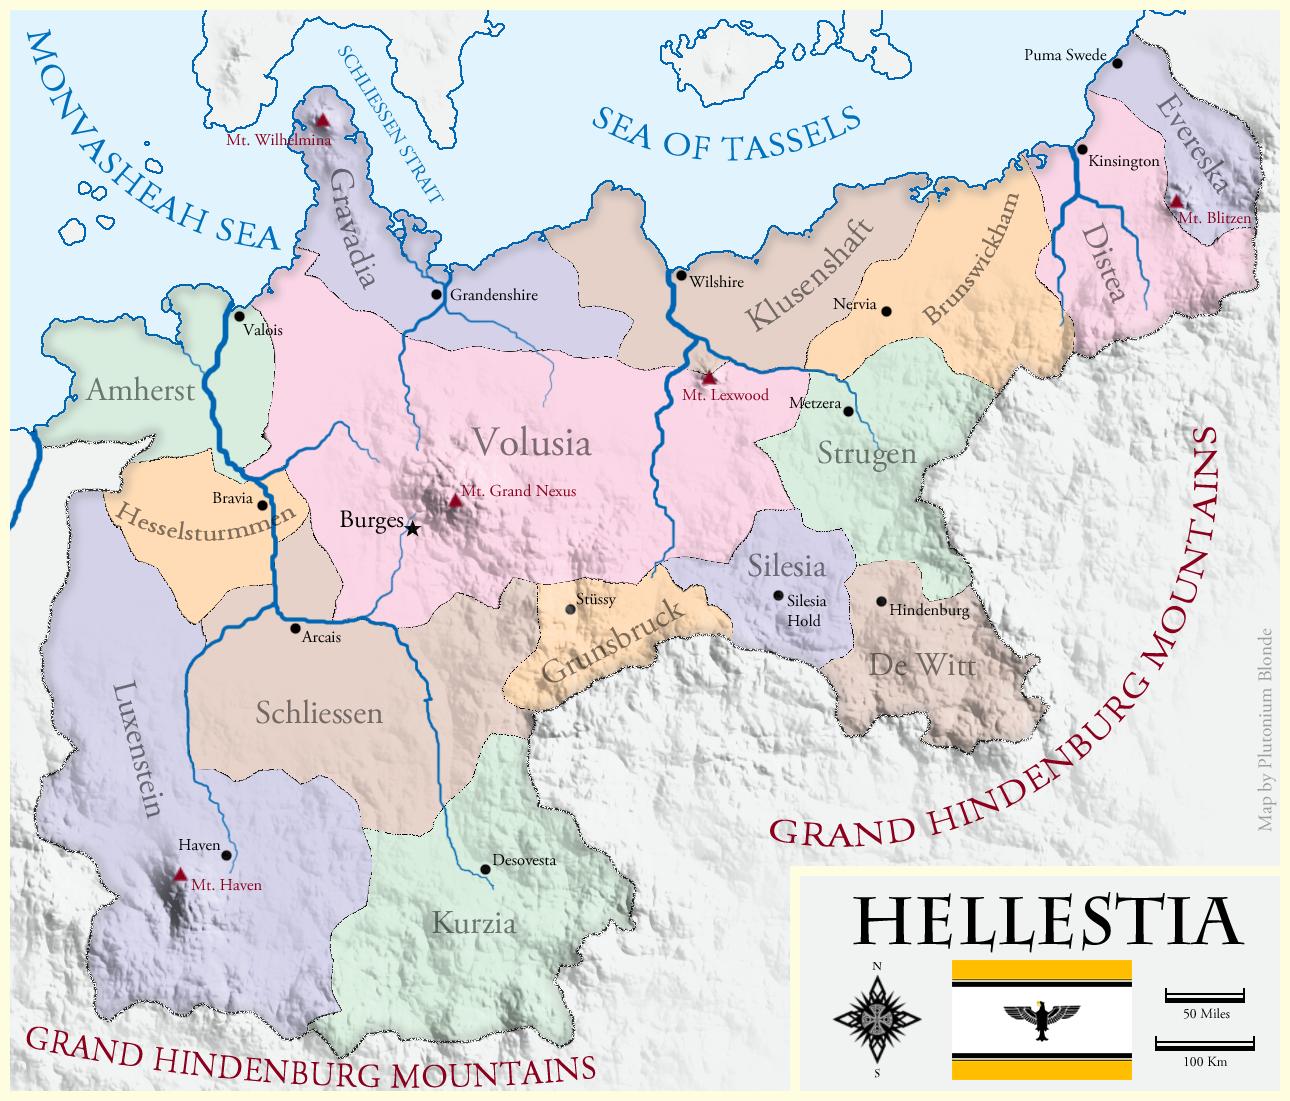 Hellestia